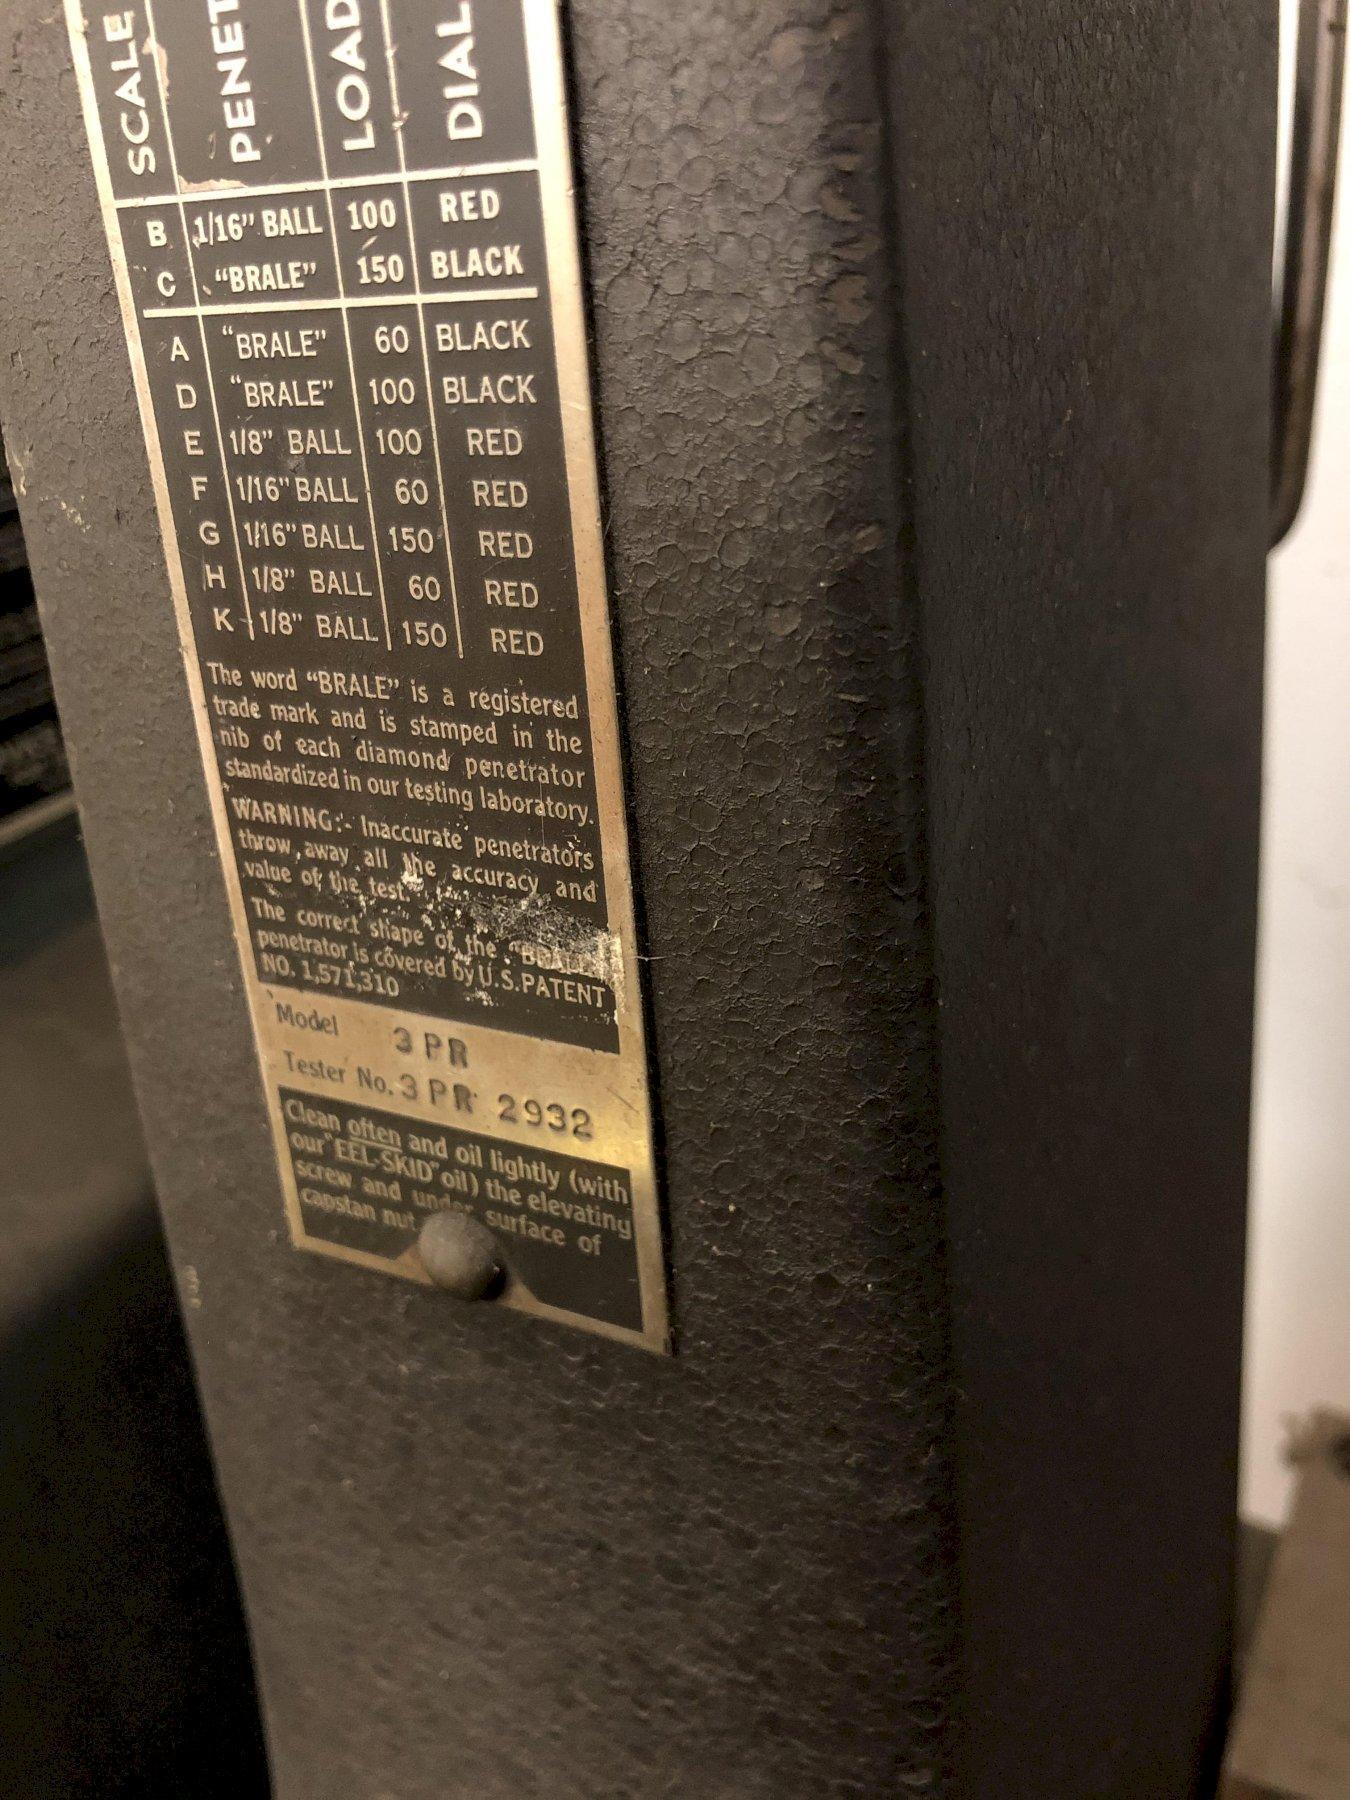 WILSON MODEL 3PR ROCKWELL TESTER S/N 3PR2932